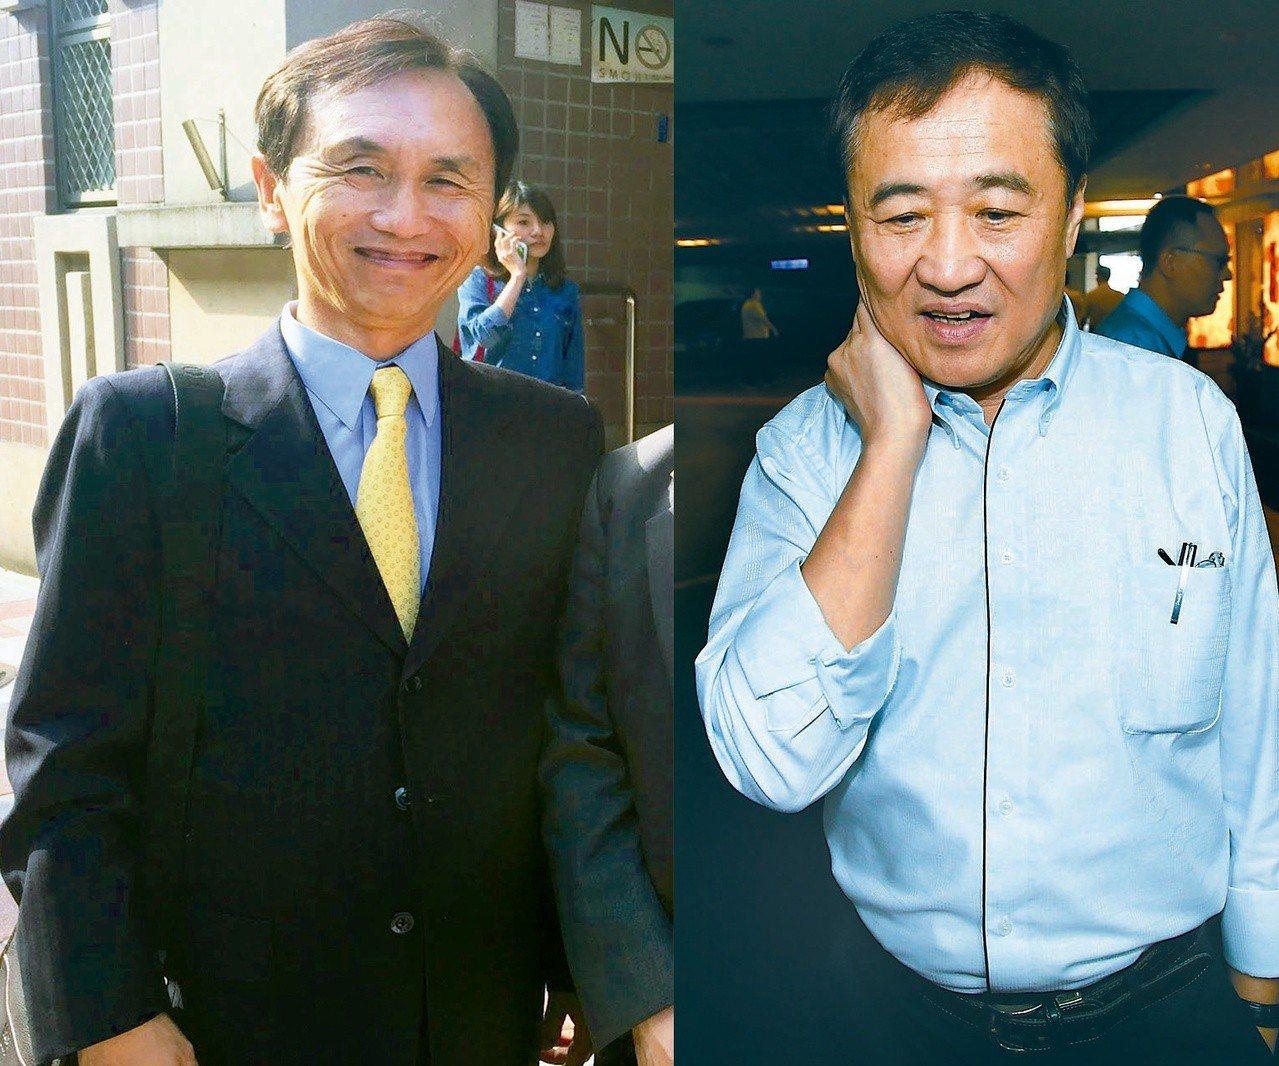 美麗島電子報董事長吳子嘉(圖左)與台北市前副市長陳景峻(圖右)。 聯合報系資料照